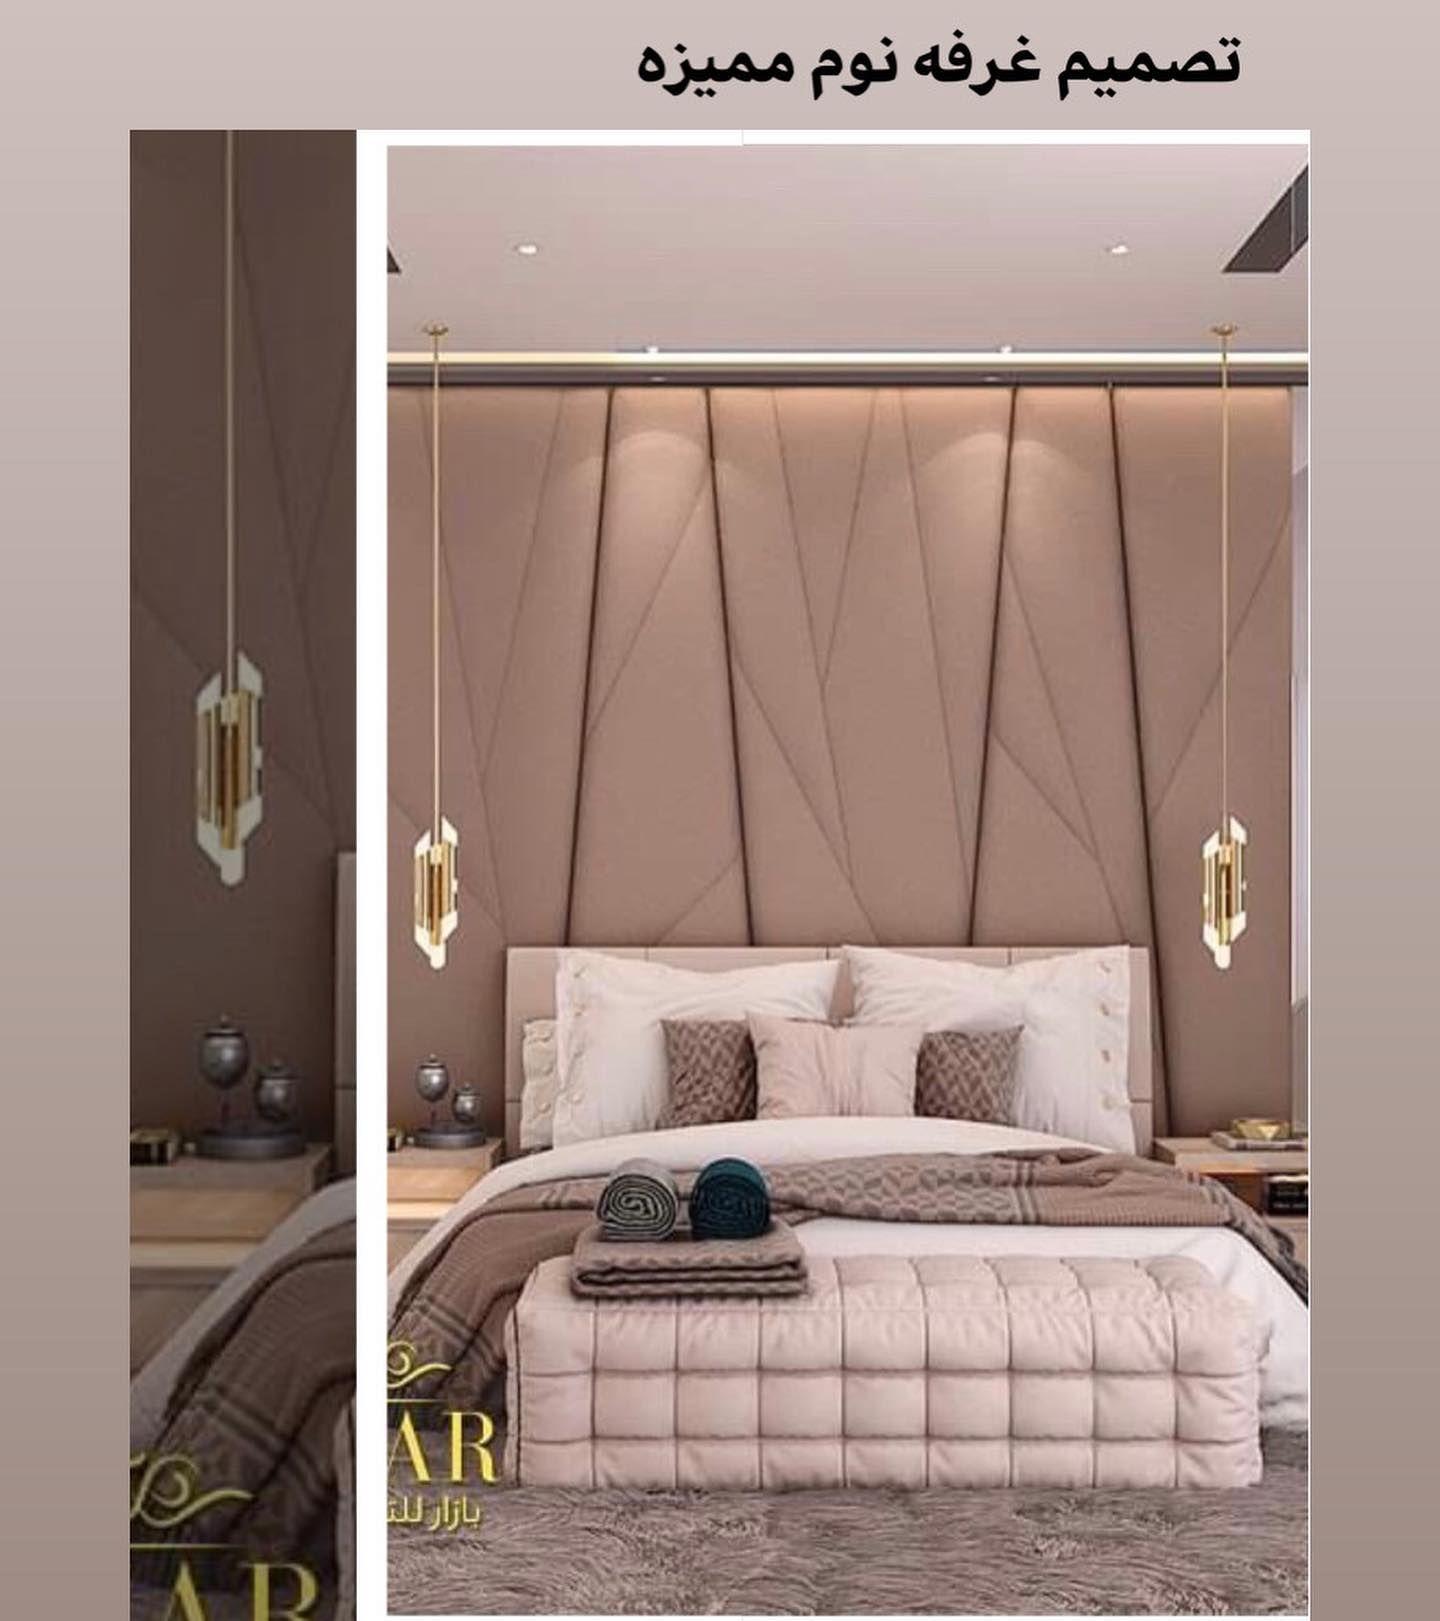 غرفة نوم نيوكلاسيك جمعت بين البساطة والجمال في كل تفاصيل تصميمها بداية من الالوان الي الاكسسوارات والأضاءة المميزة وتم اضافه Interior Design Home Decor Design